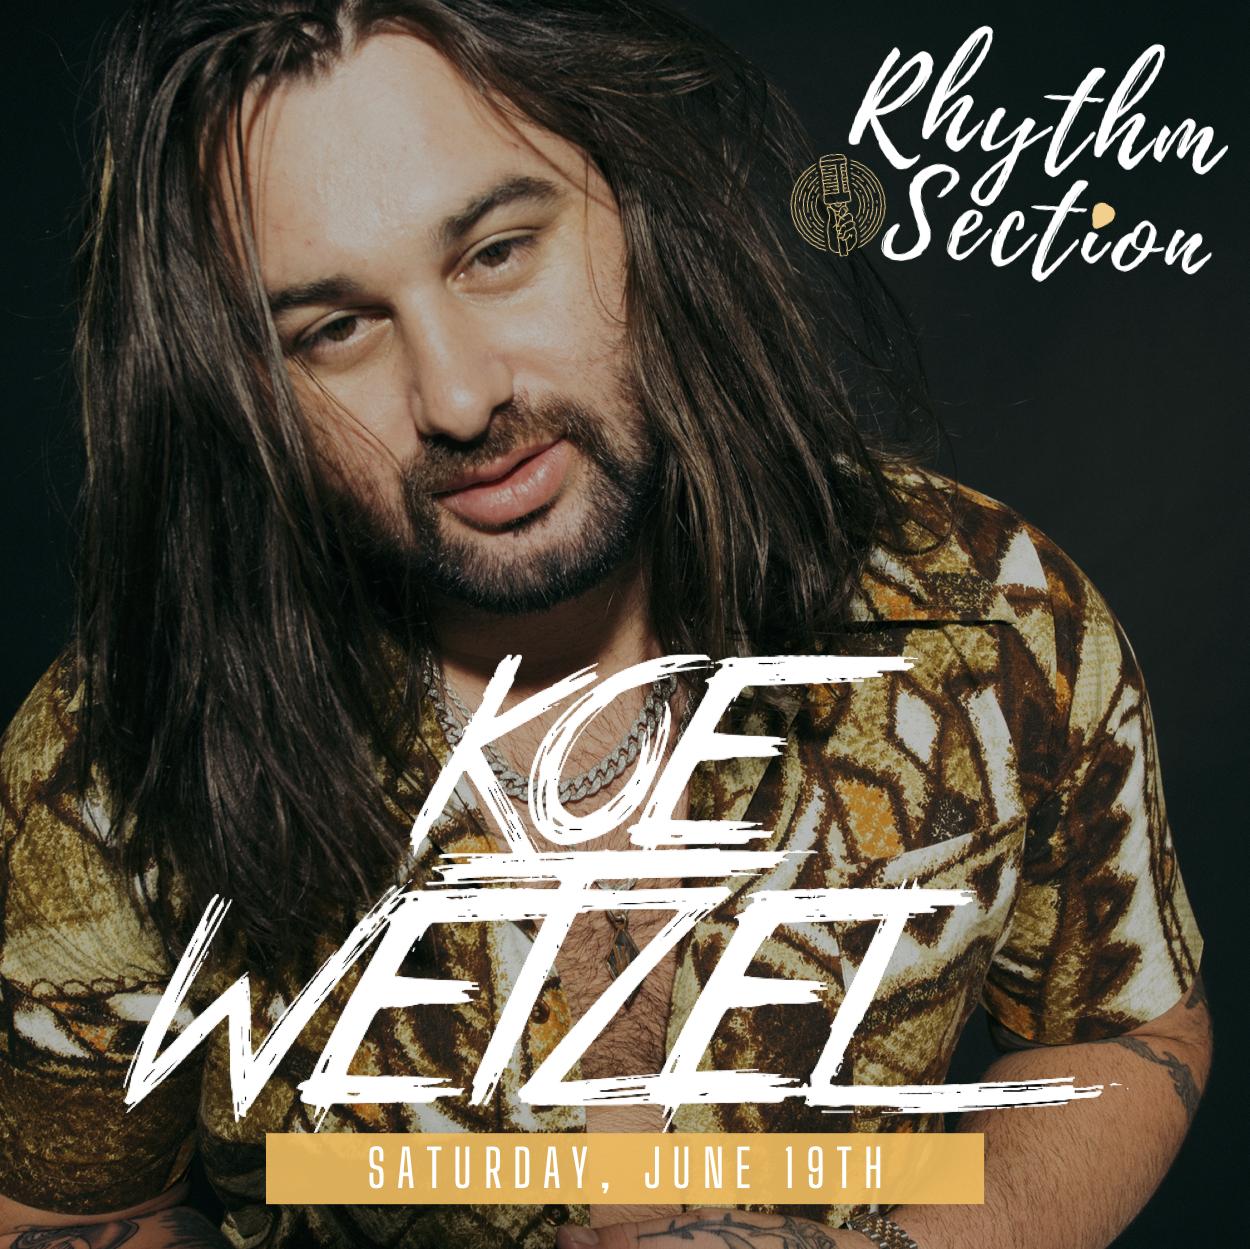 Koe Wetzel: Main Image